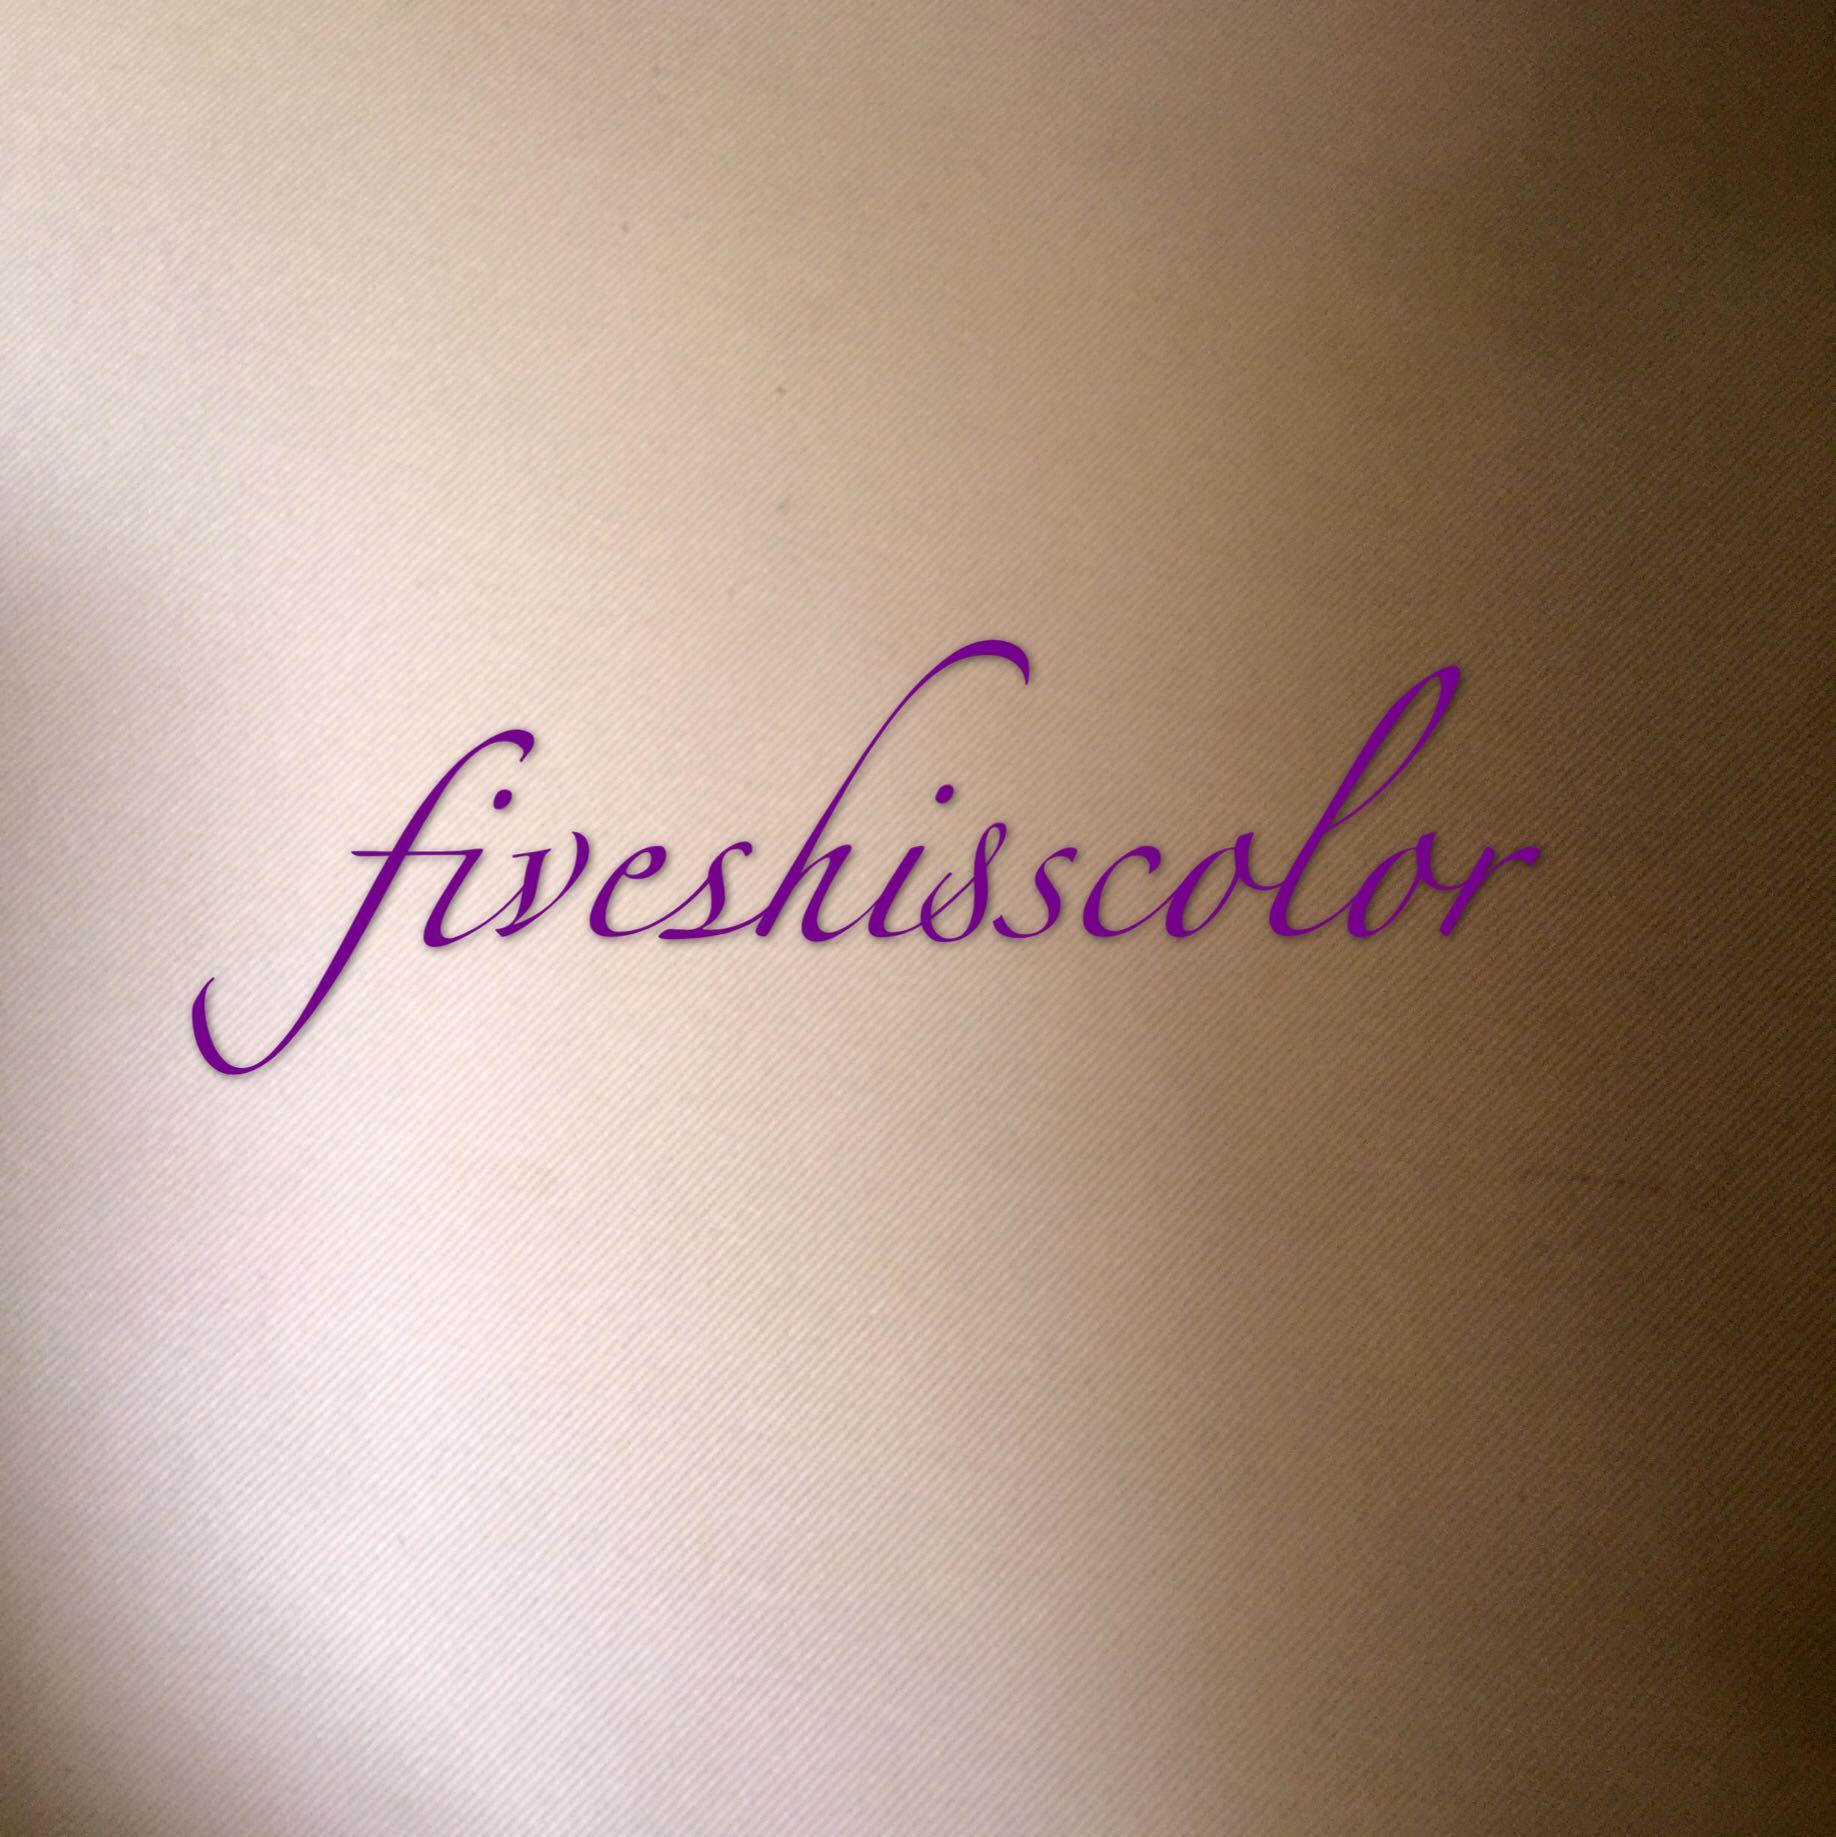 fiveshisscolor